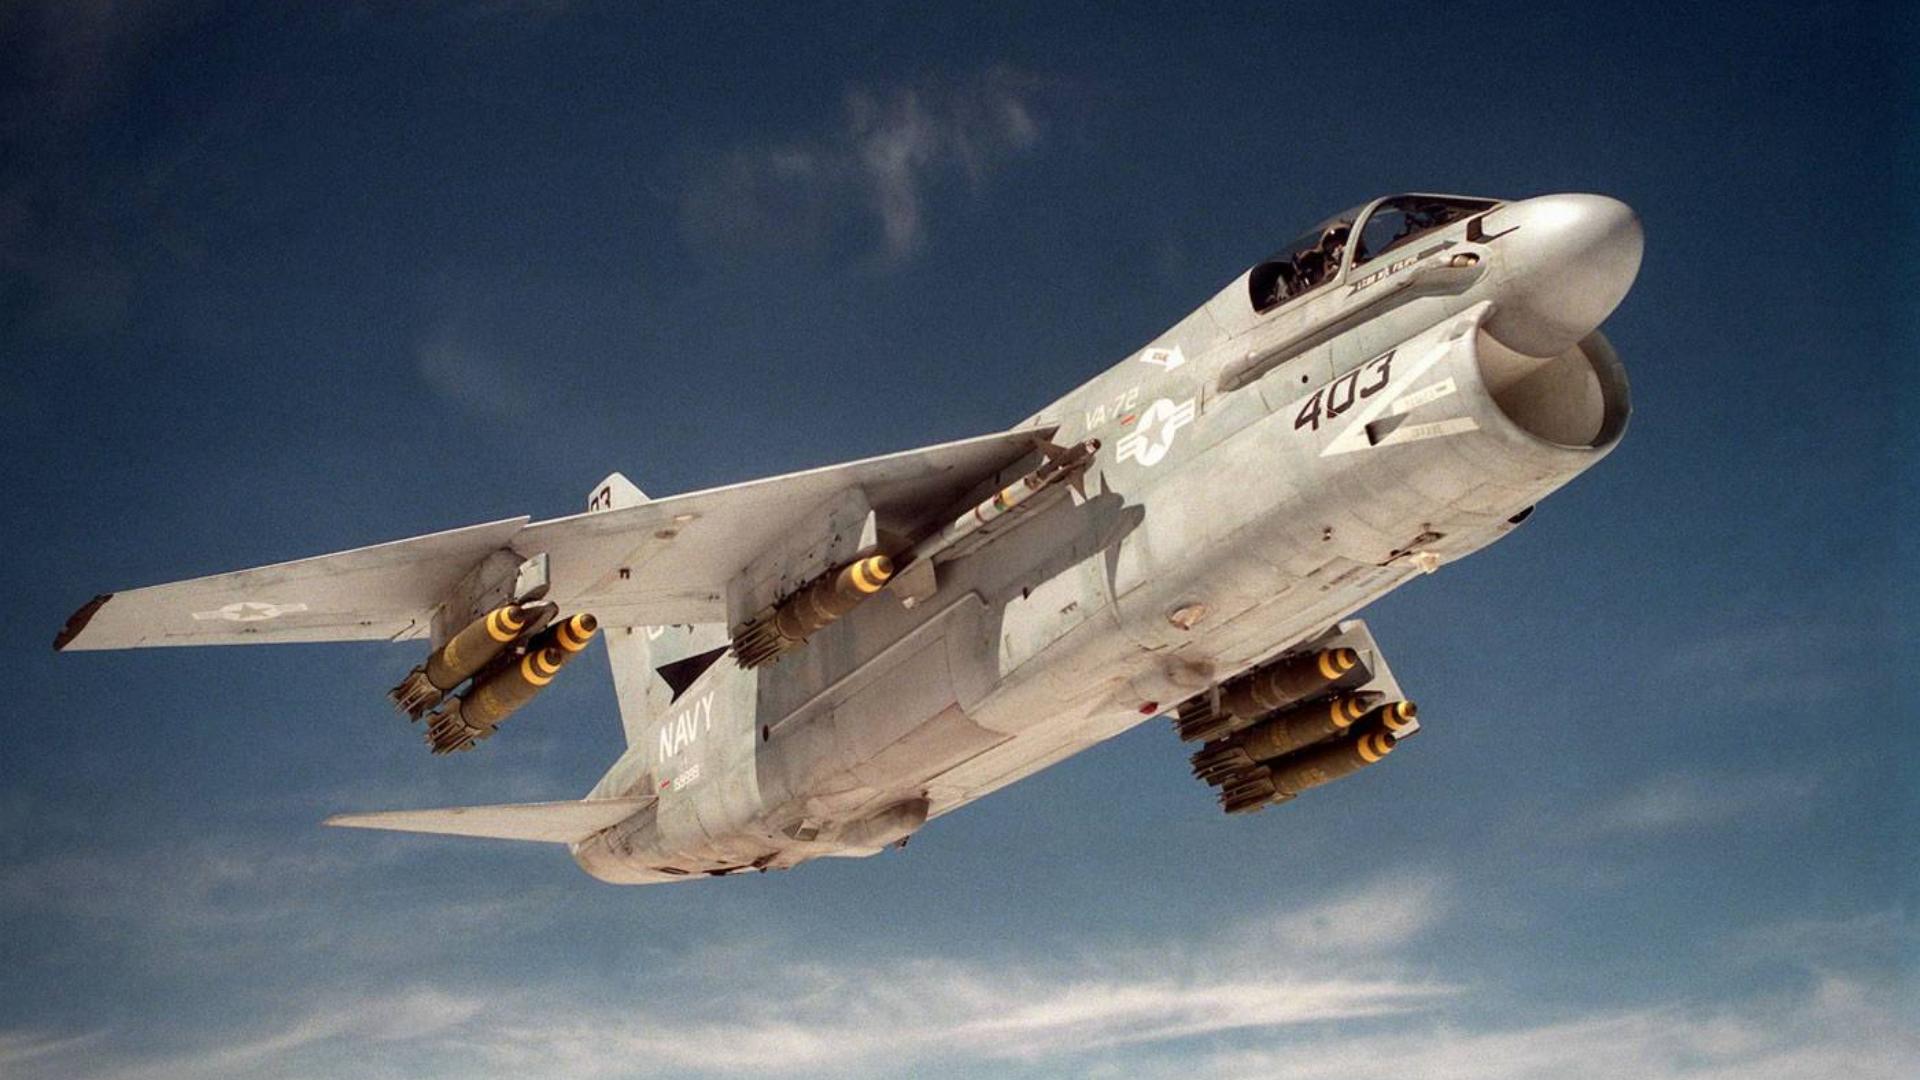 【讲堂511期】长相奇特的A-7海盗2攻击机,咧着大嘴,却是不好惹的主